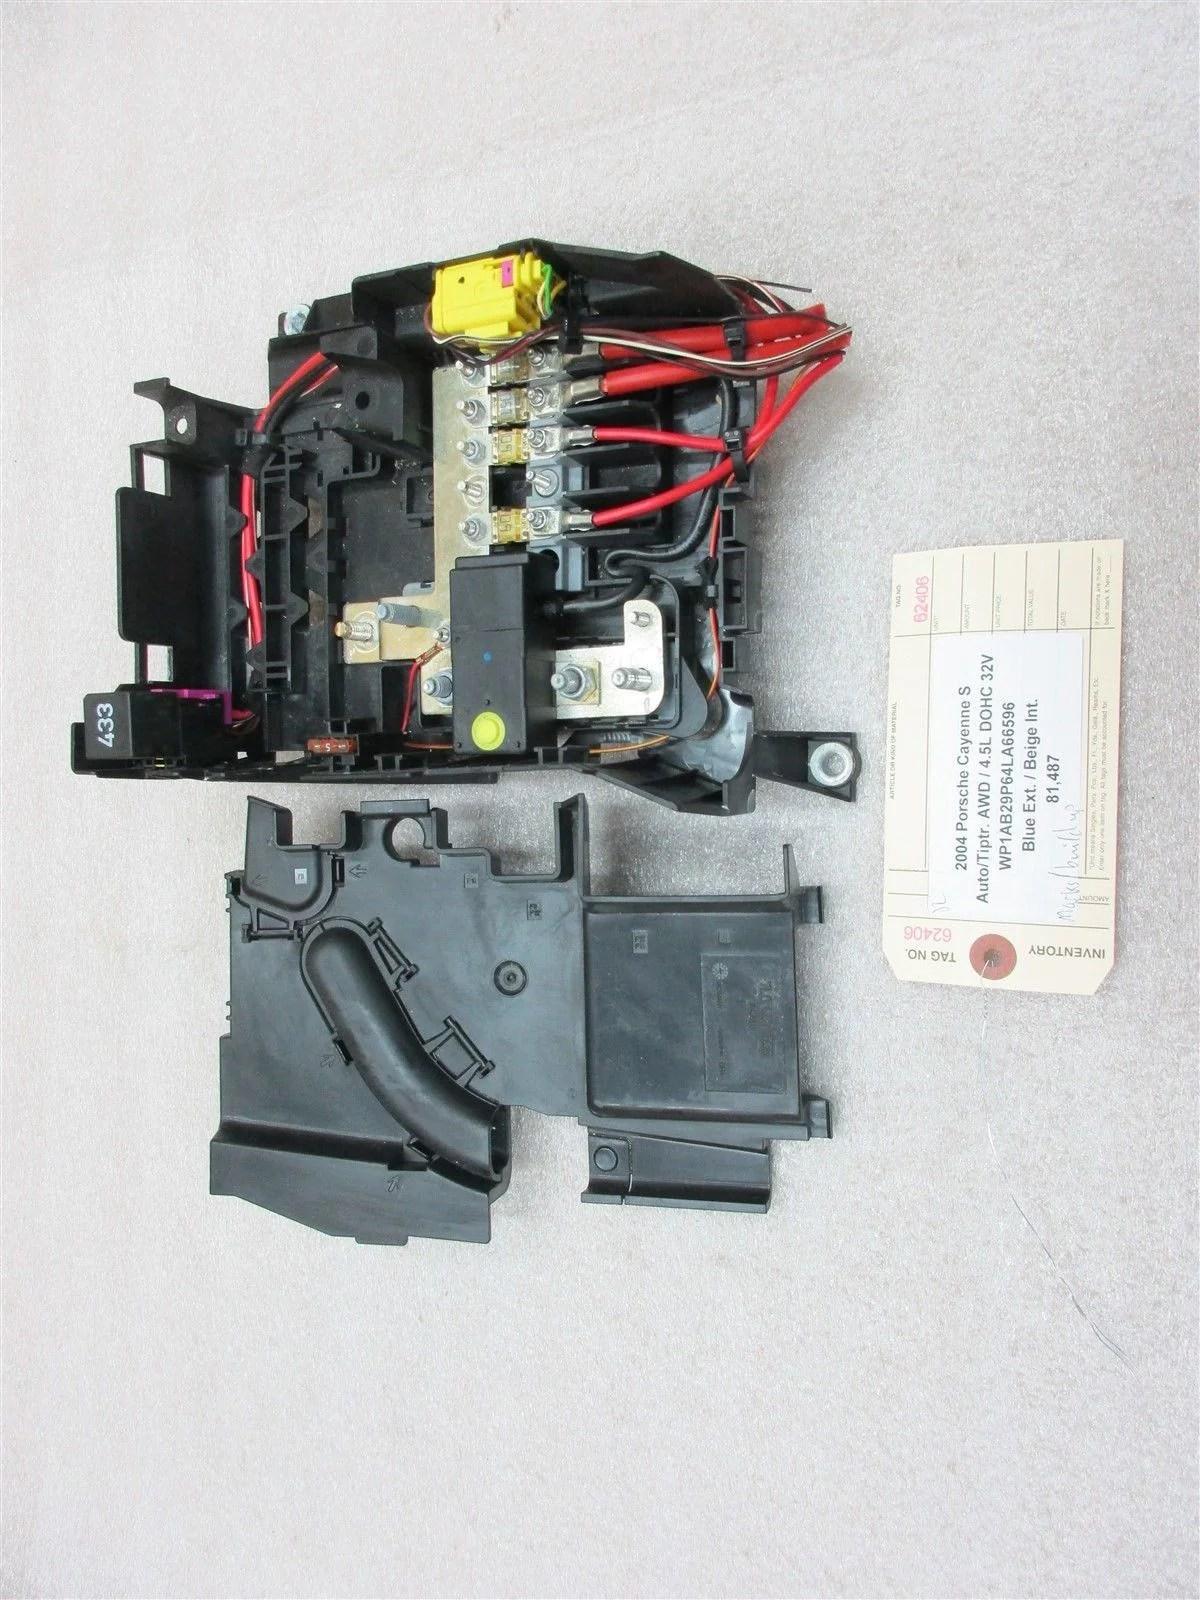 04 cayenne s awd porsche 955 fuse box relay 7l0937548a 7l0937555 8104 cayenne s awd porsche [ 1200 x 1600 Pixel ]